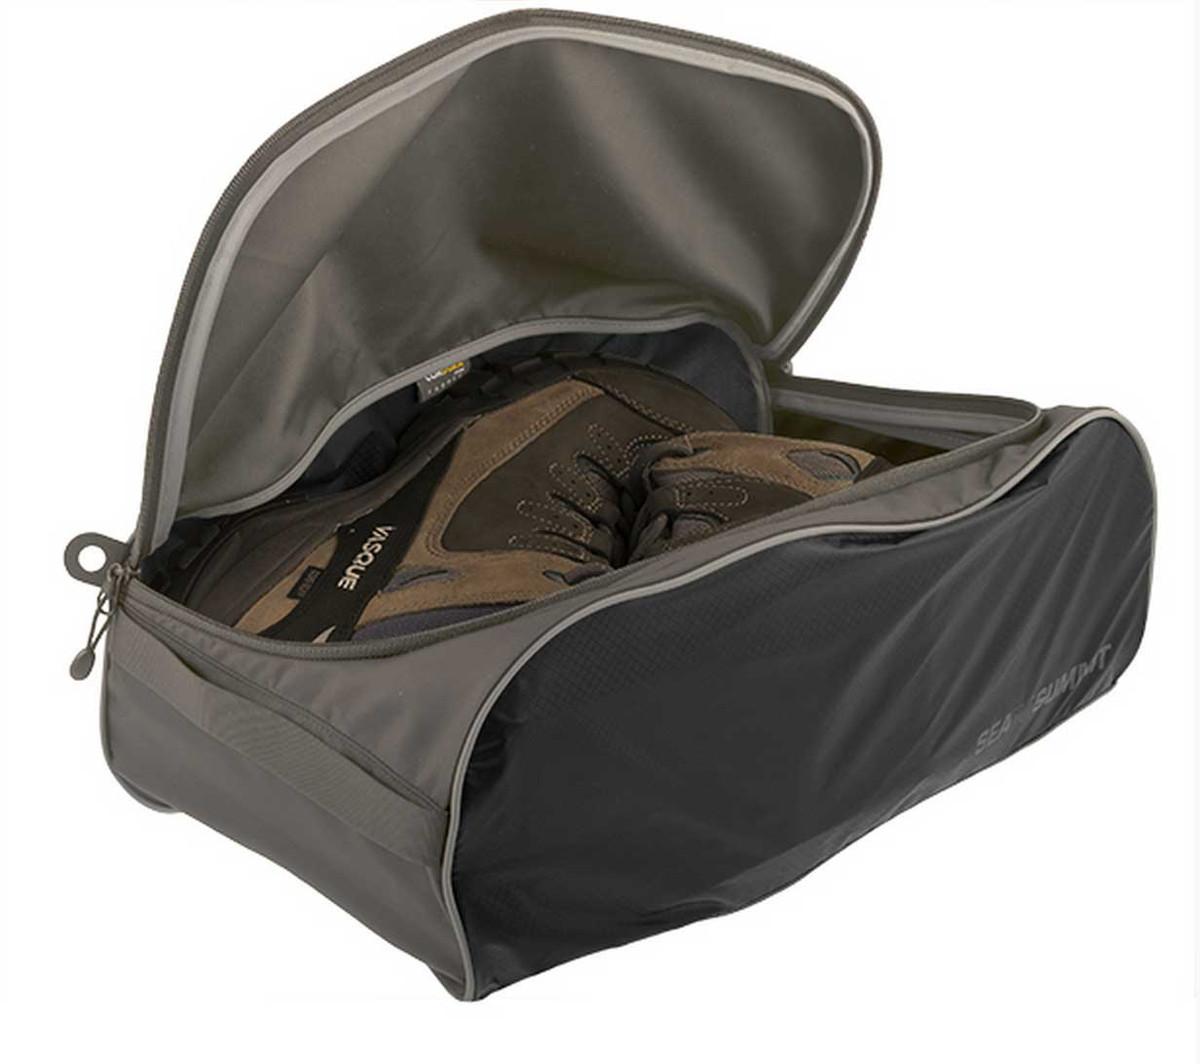 Travelling Light shoes bag, large, black